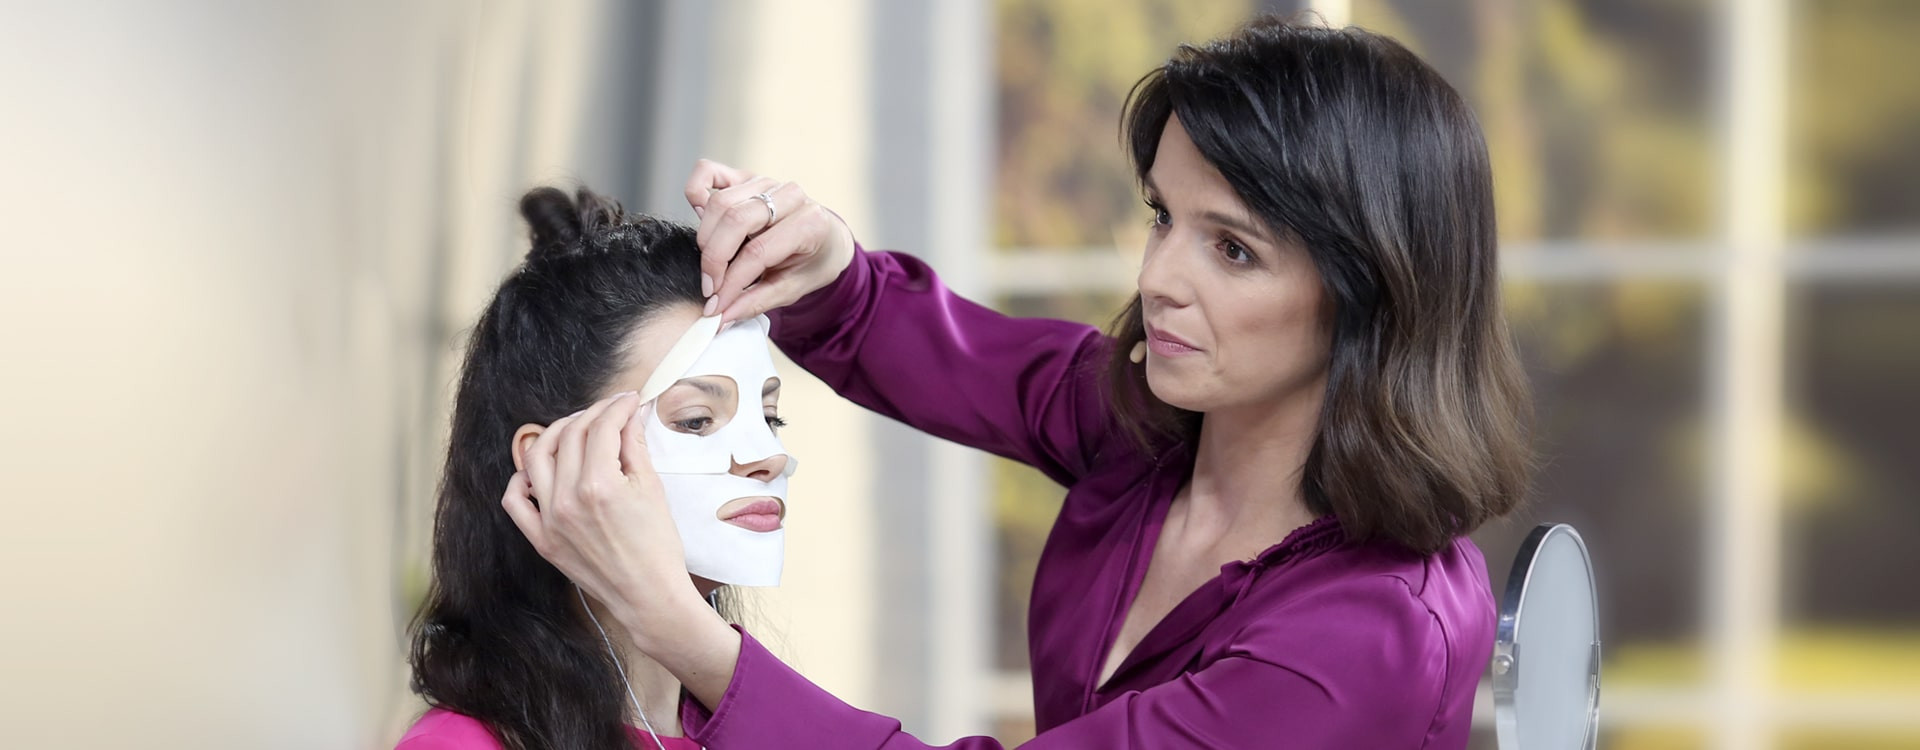 Maseczki do twarzy: dlaczego warto ich używać?